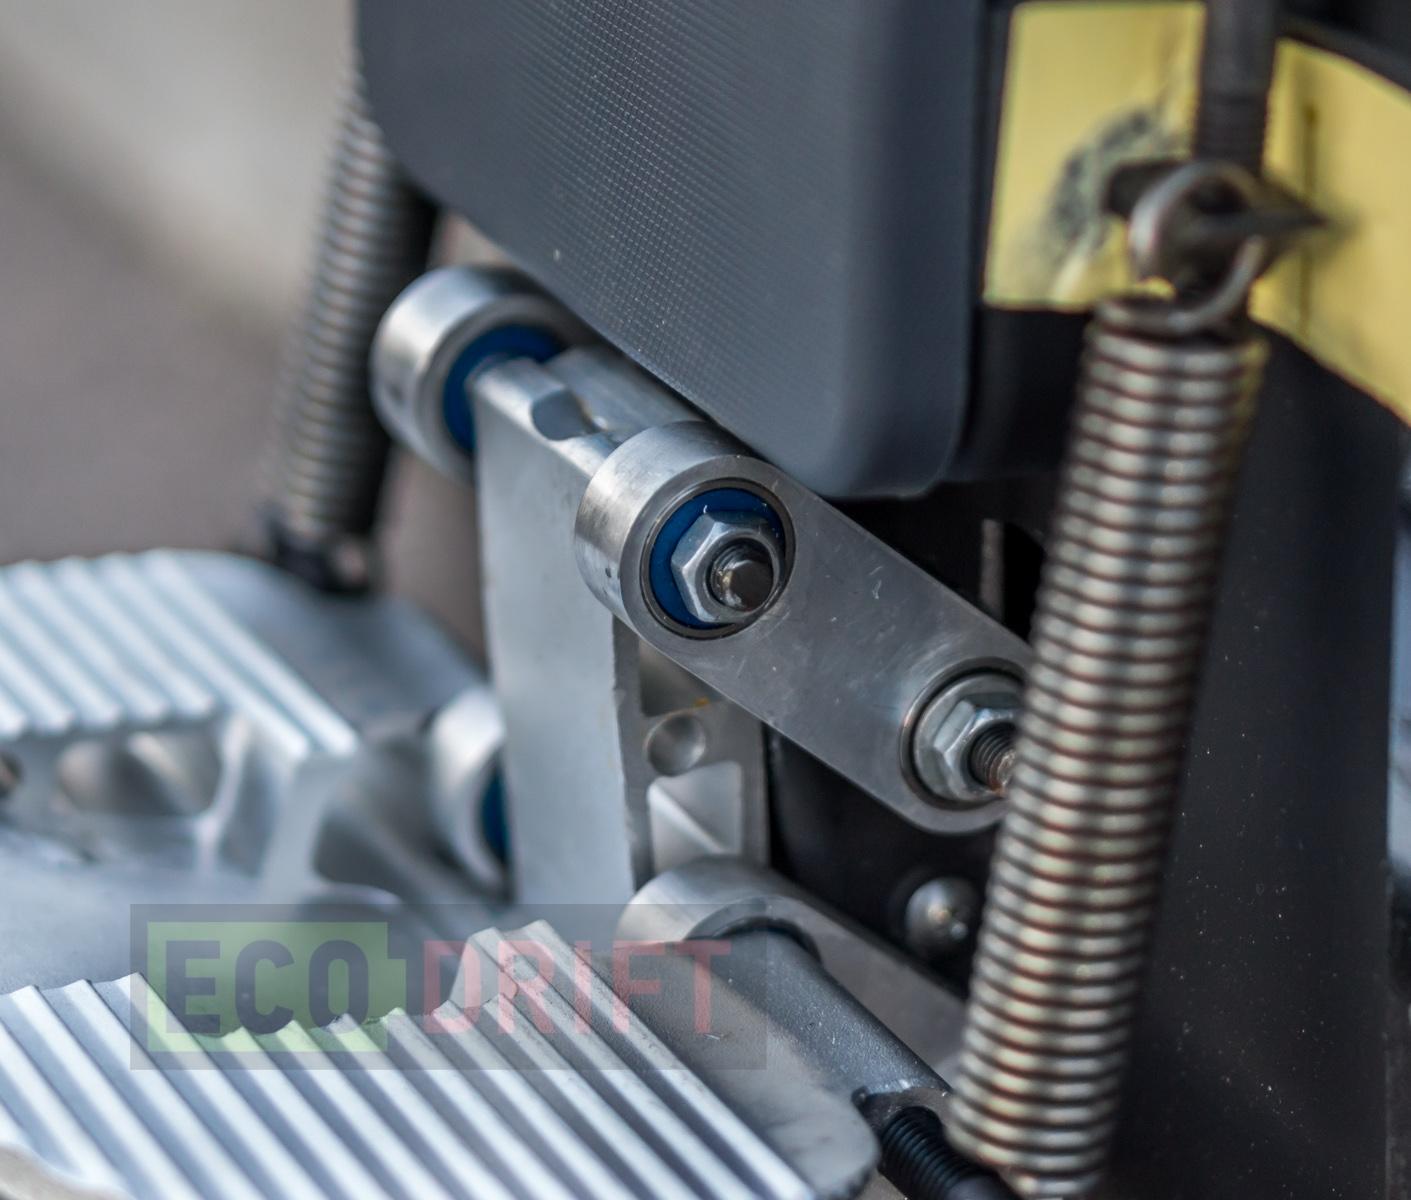 Обзор моноколеса Gotway MCM3 с амортизаторами. Кровать на пружинах